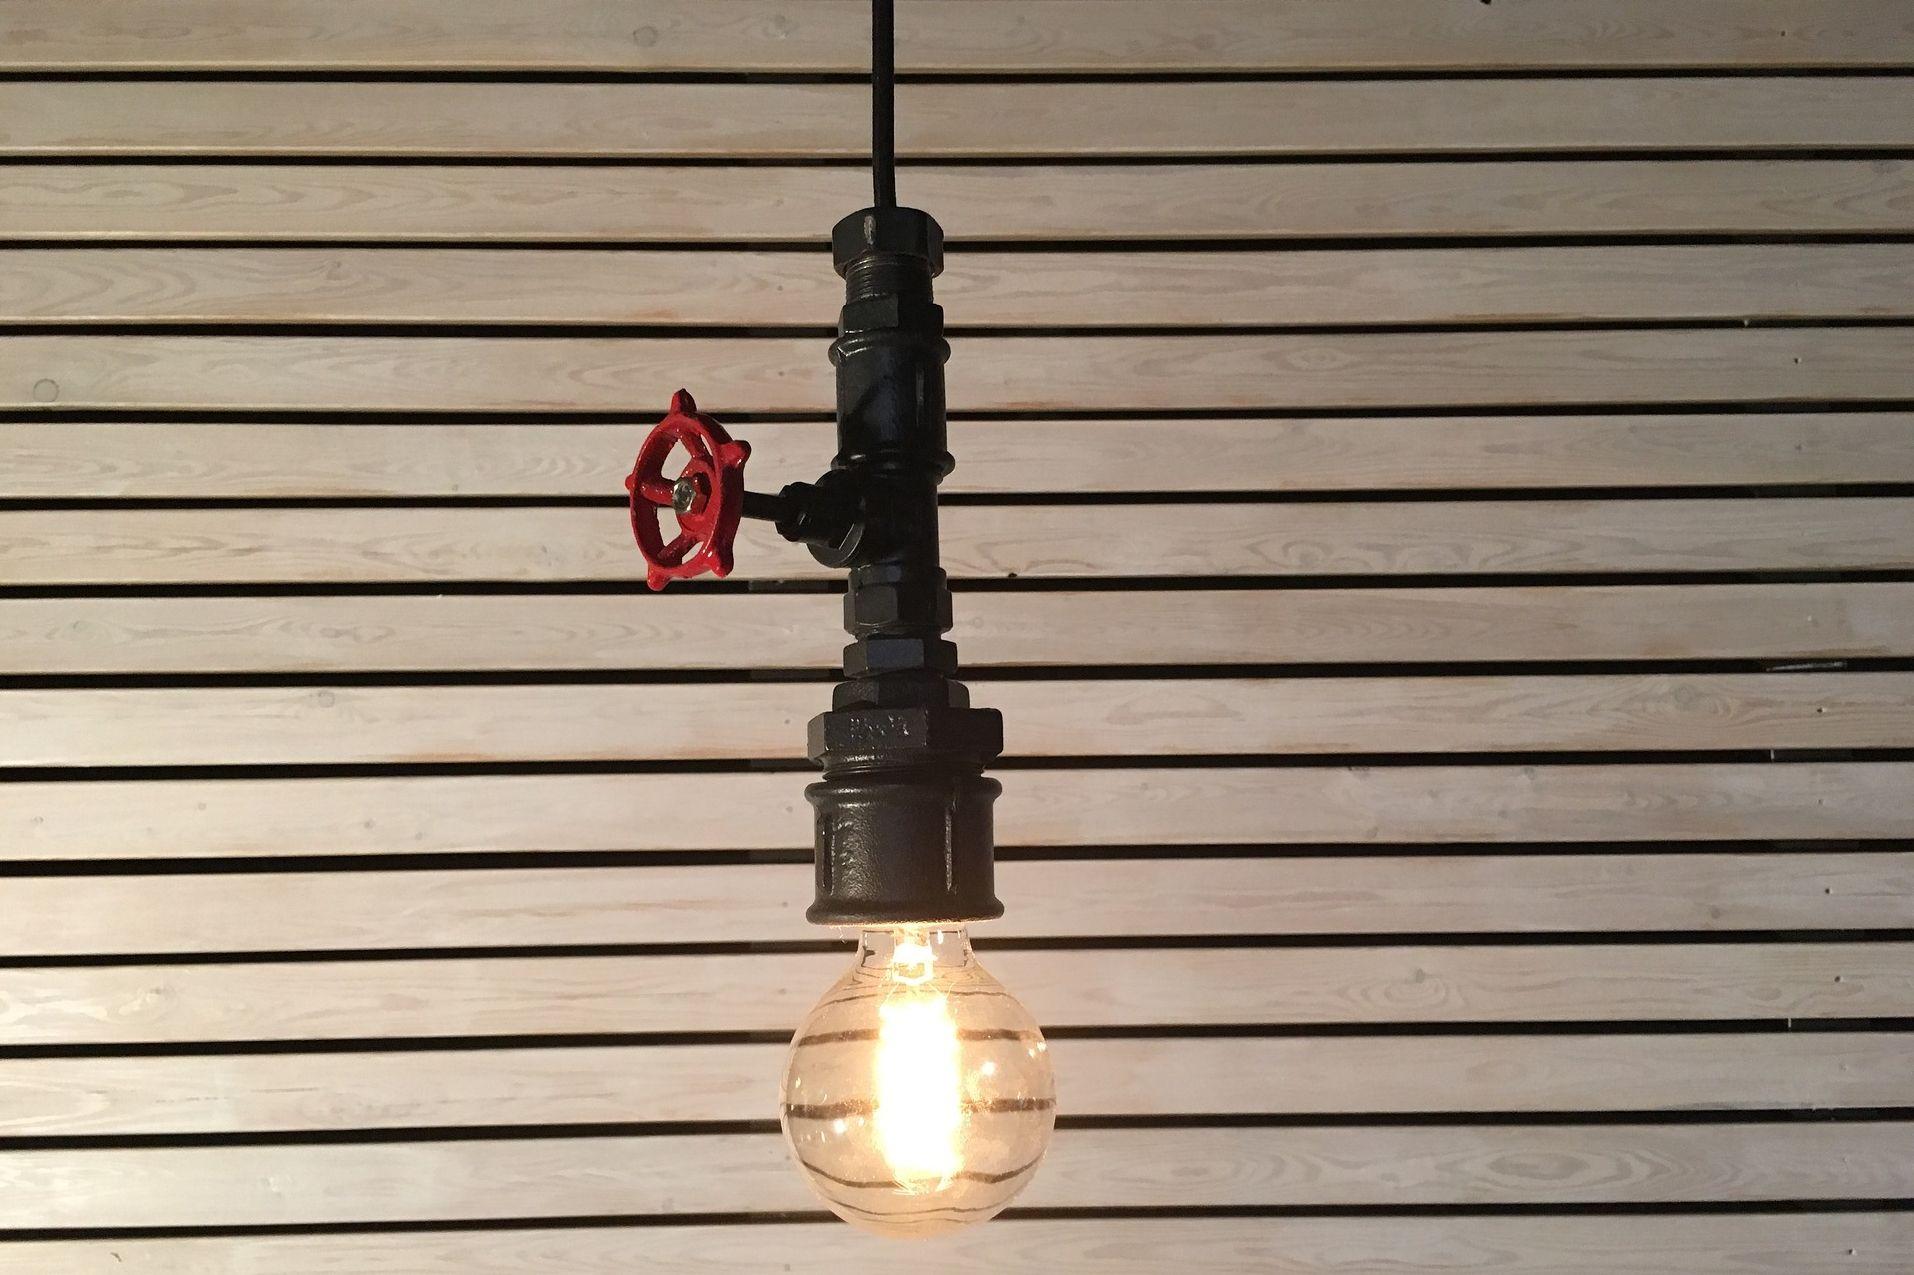 Img lightbulb 17672971920